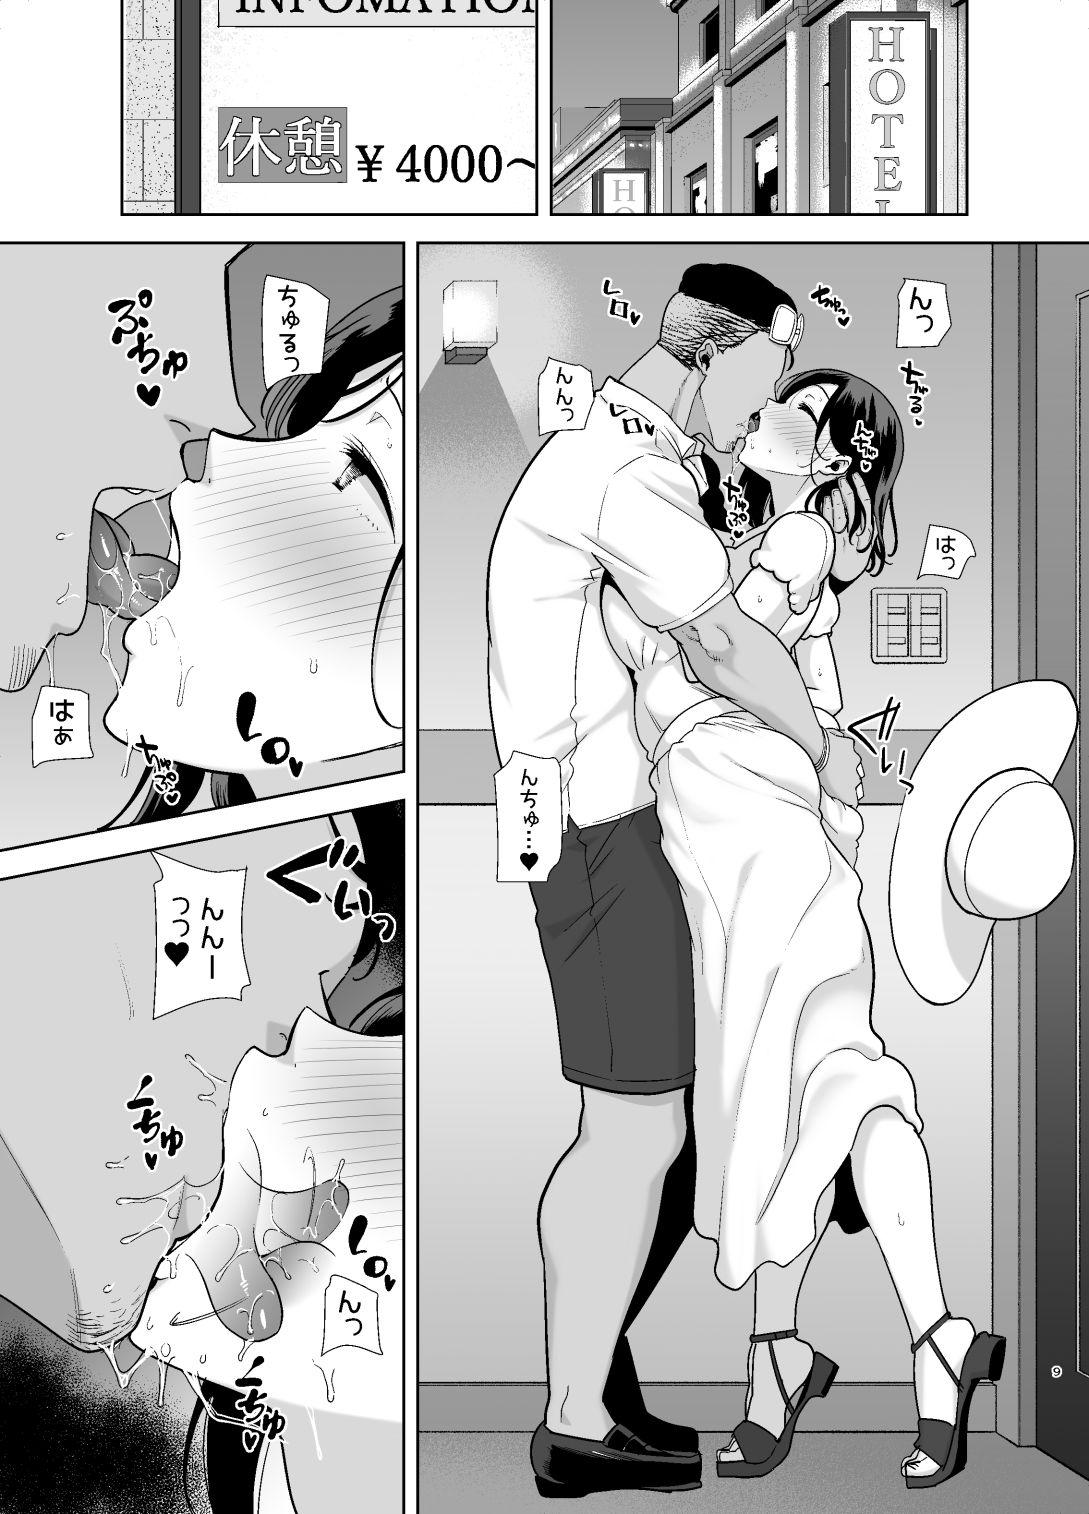 【エロ漫画無料大全集】【エロ漫画NTR】寝取られた人妻が引き続きナンパ男たちとのセックスを楽しんでしまい…